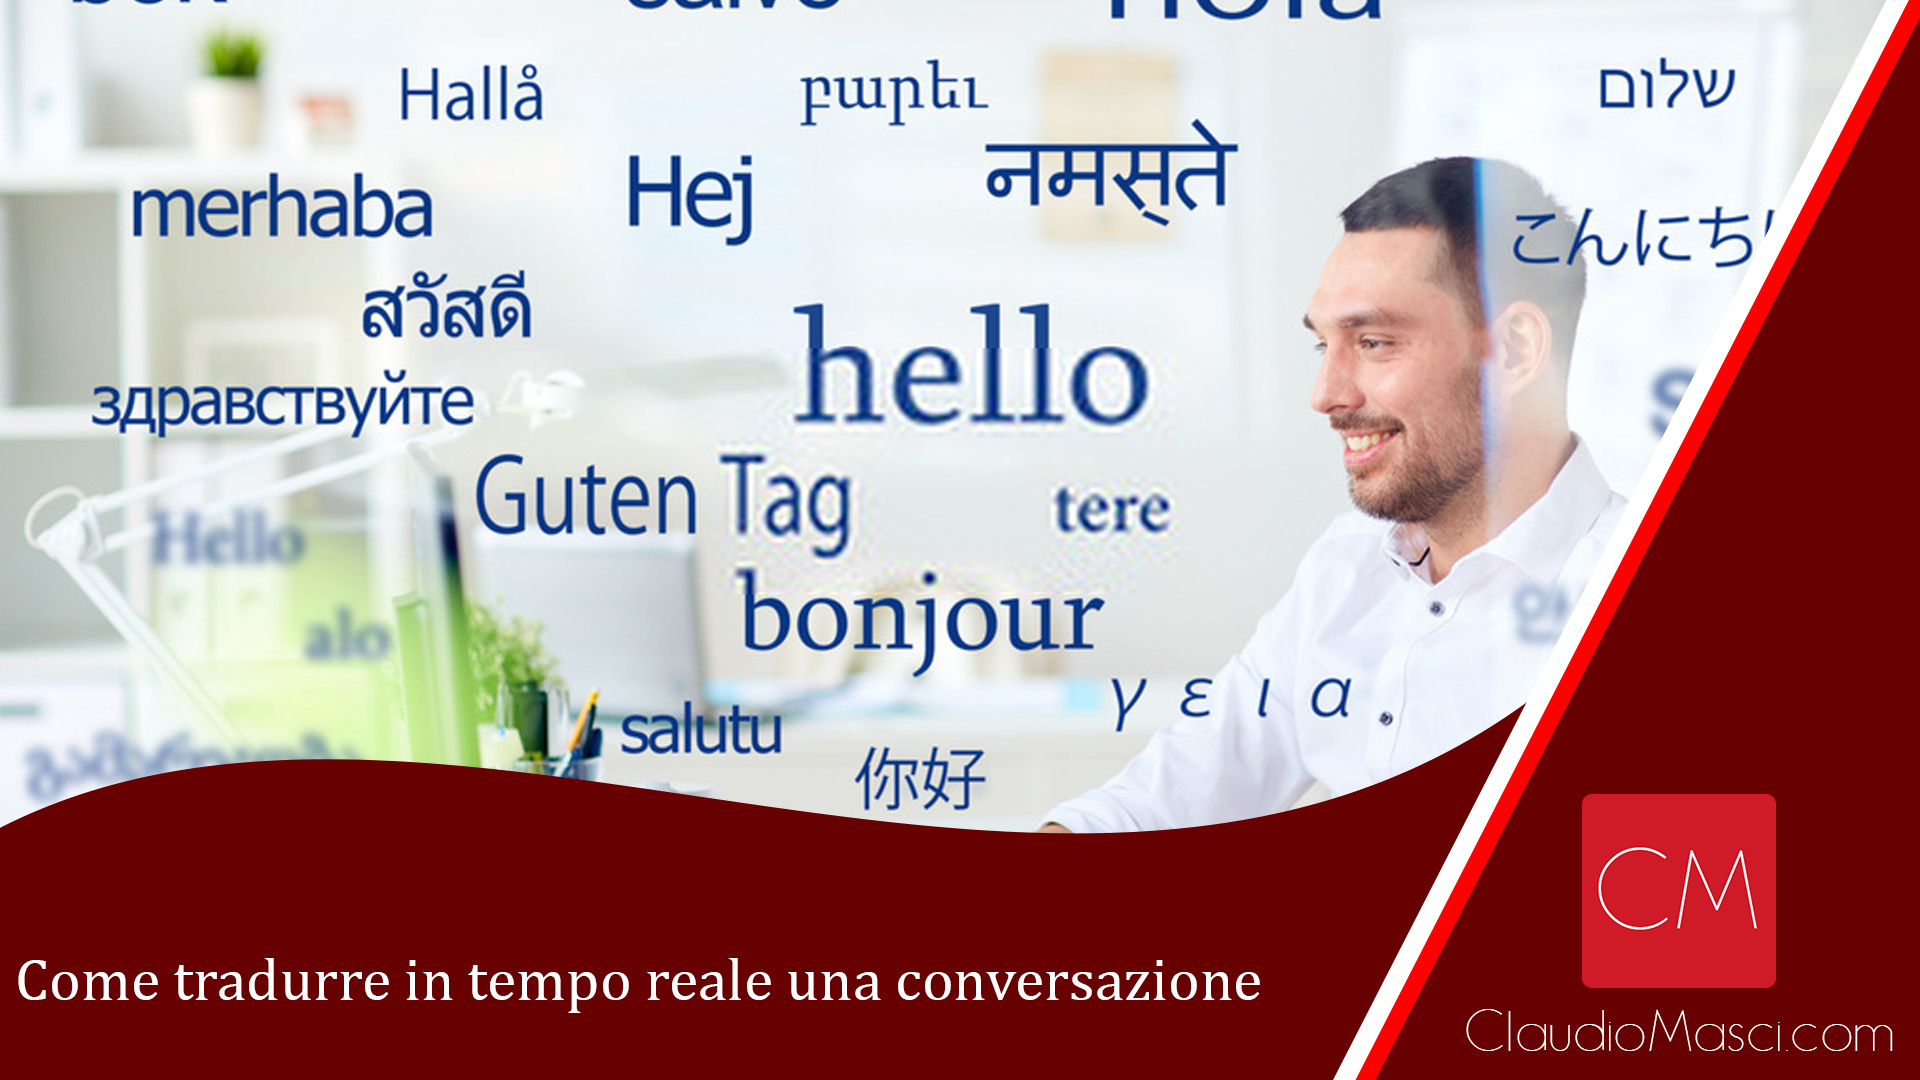 Come tradurre in tempo reale una conversazione